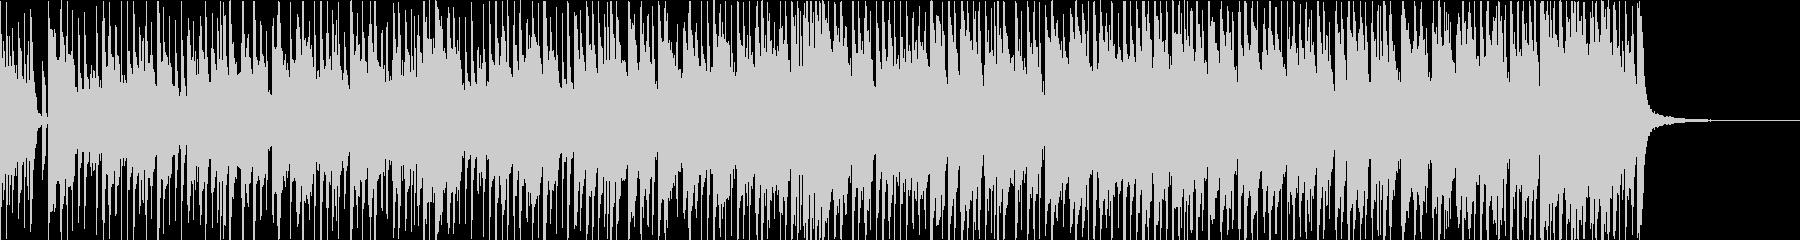 ロック感のあるピアノジャズ【おしゃれ】の未再生の波形